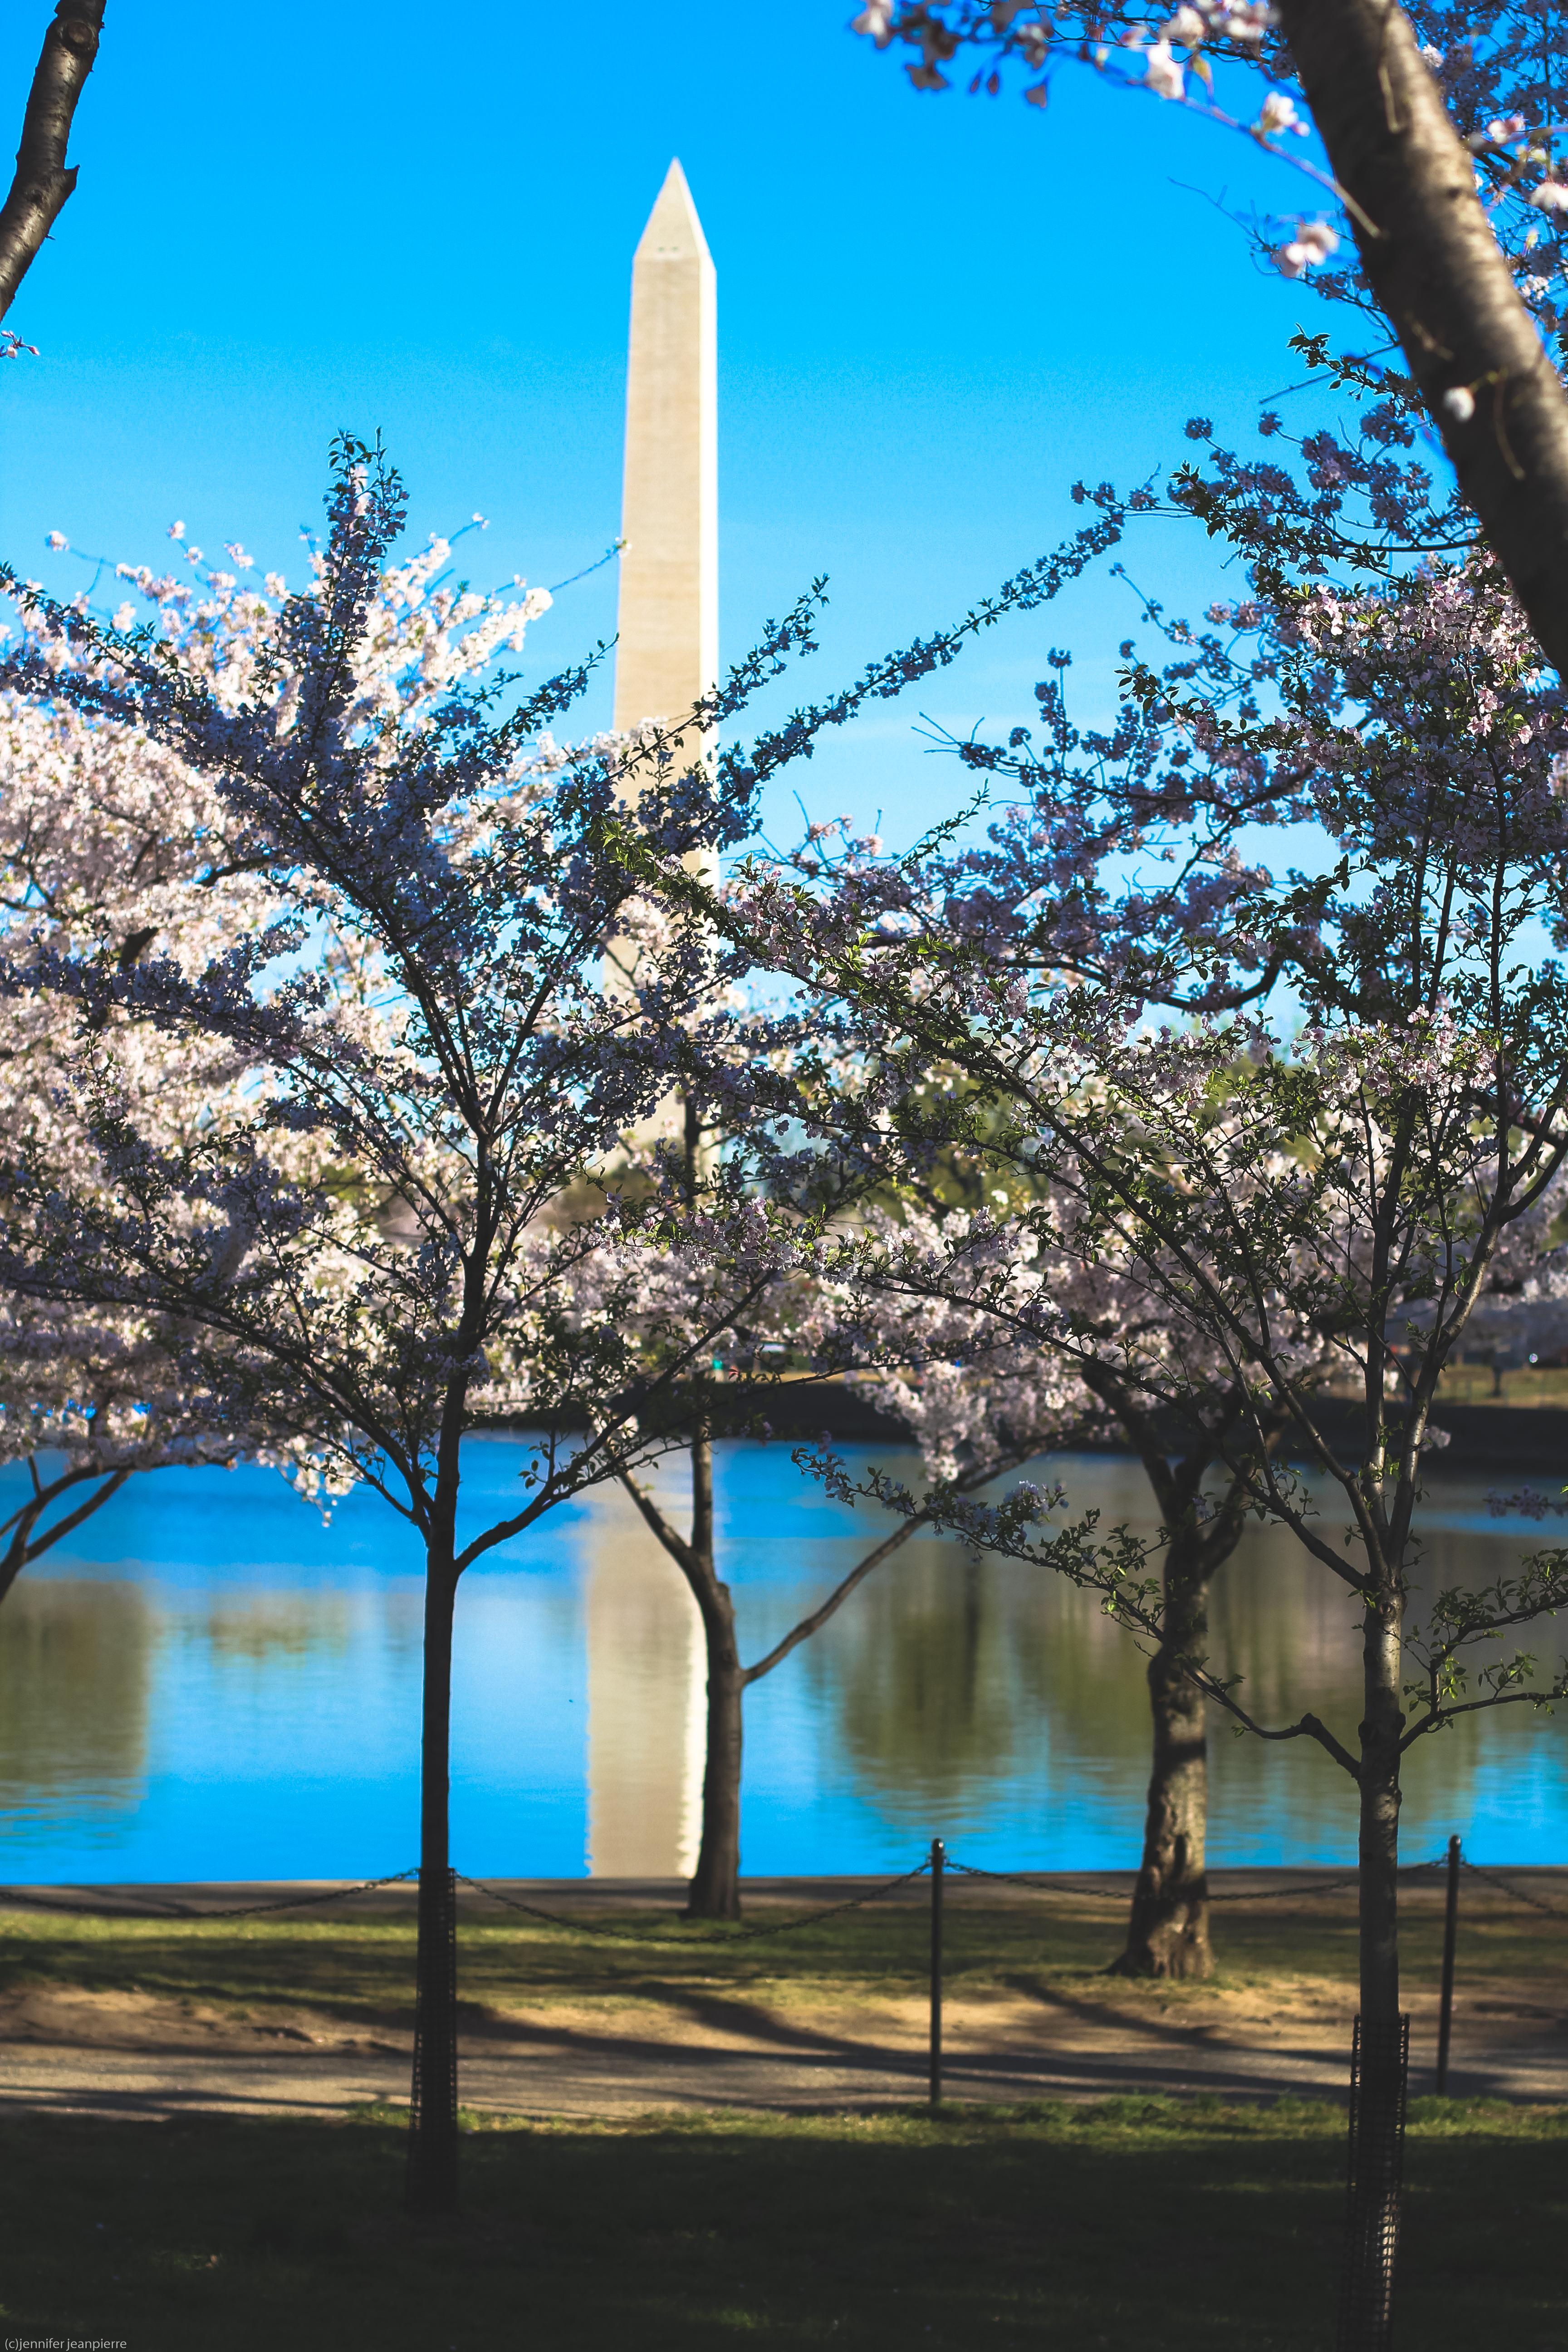 353 1 - DC Cherry Blossom Festival Blogger